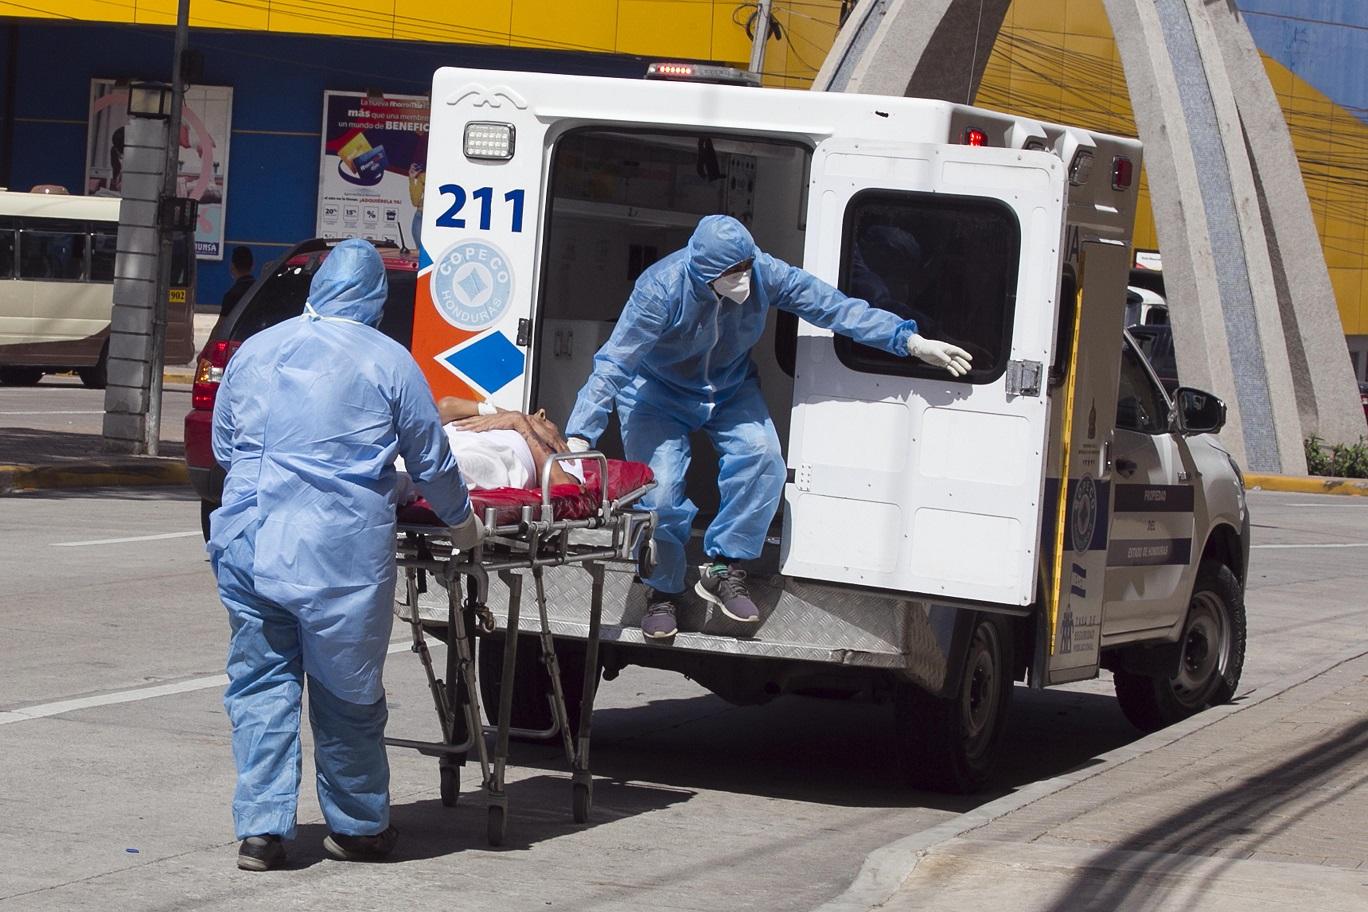 Muerte blanca: la consecuencia fatal del virus